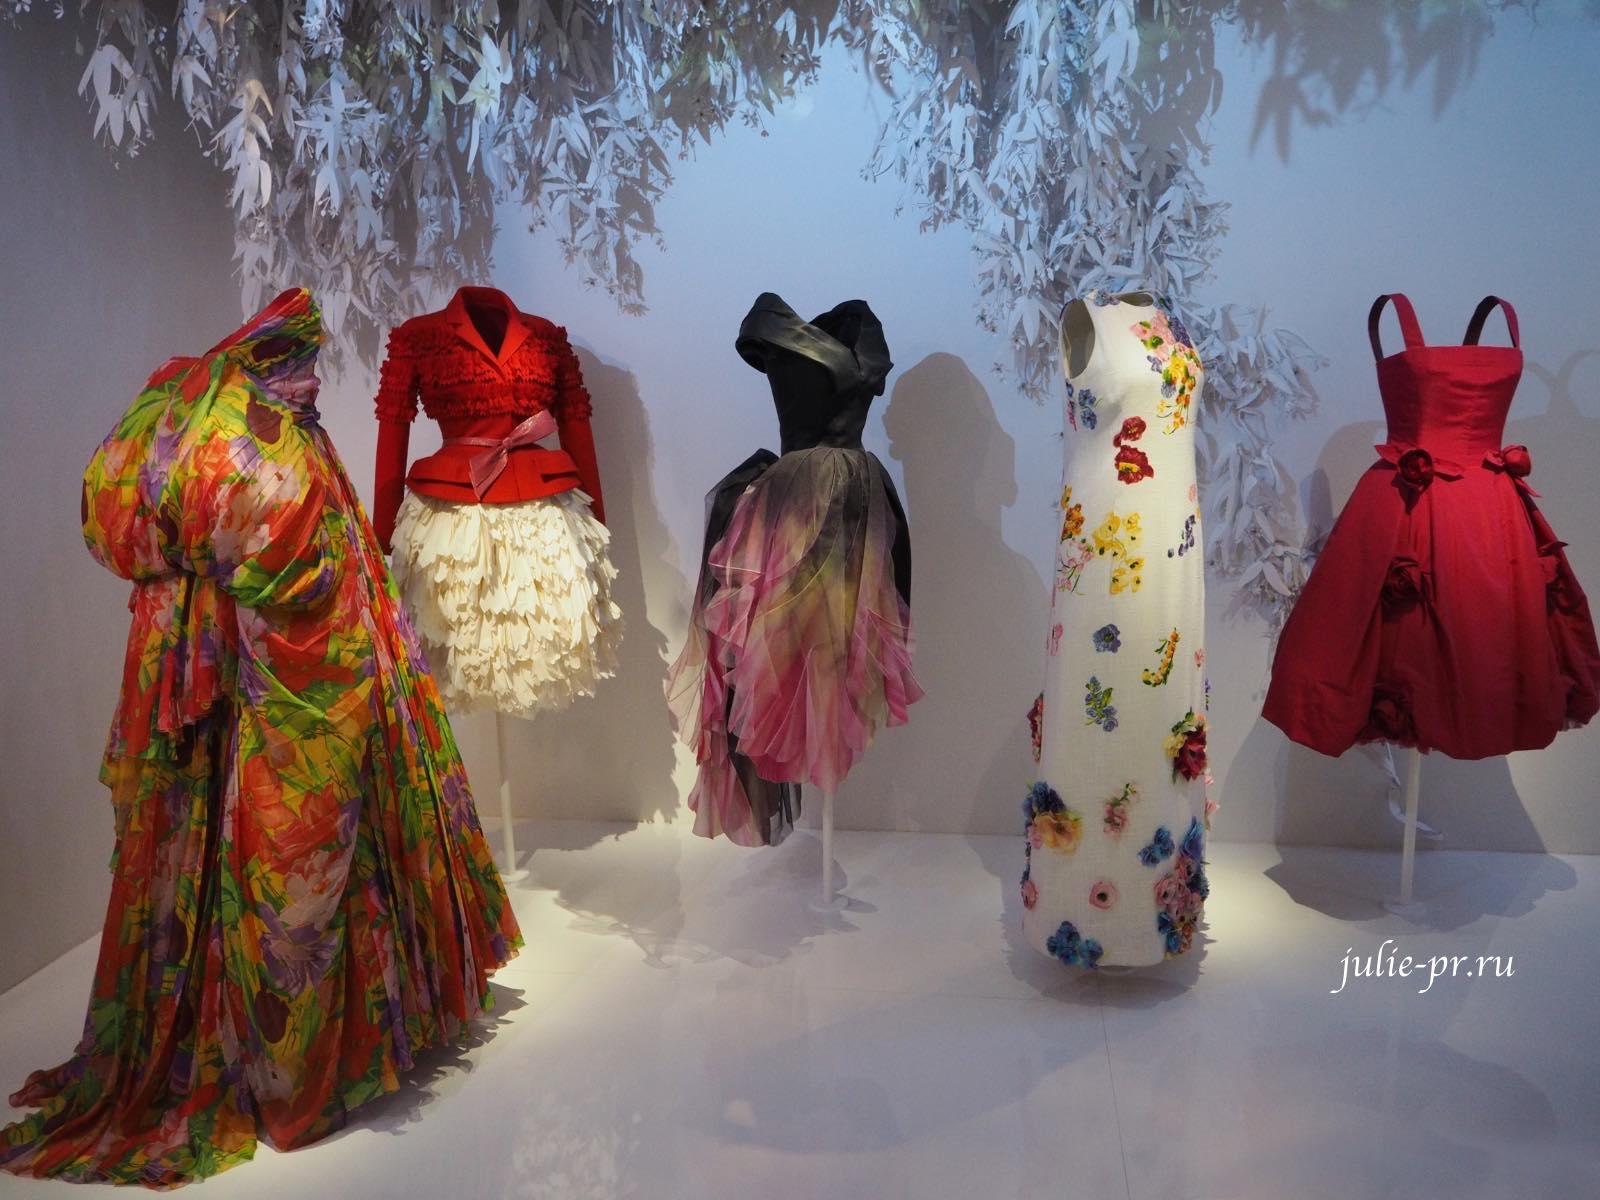 Сады Dior, Выставка Christian Dior: Couturier du reve, Кристиан Диор кутюрье мечты, Музей декоративного искусства, Musee des arts decoratifs, Париж